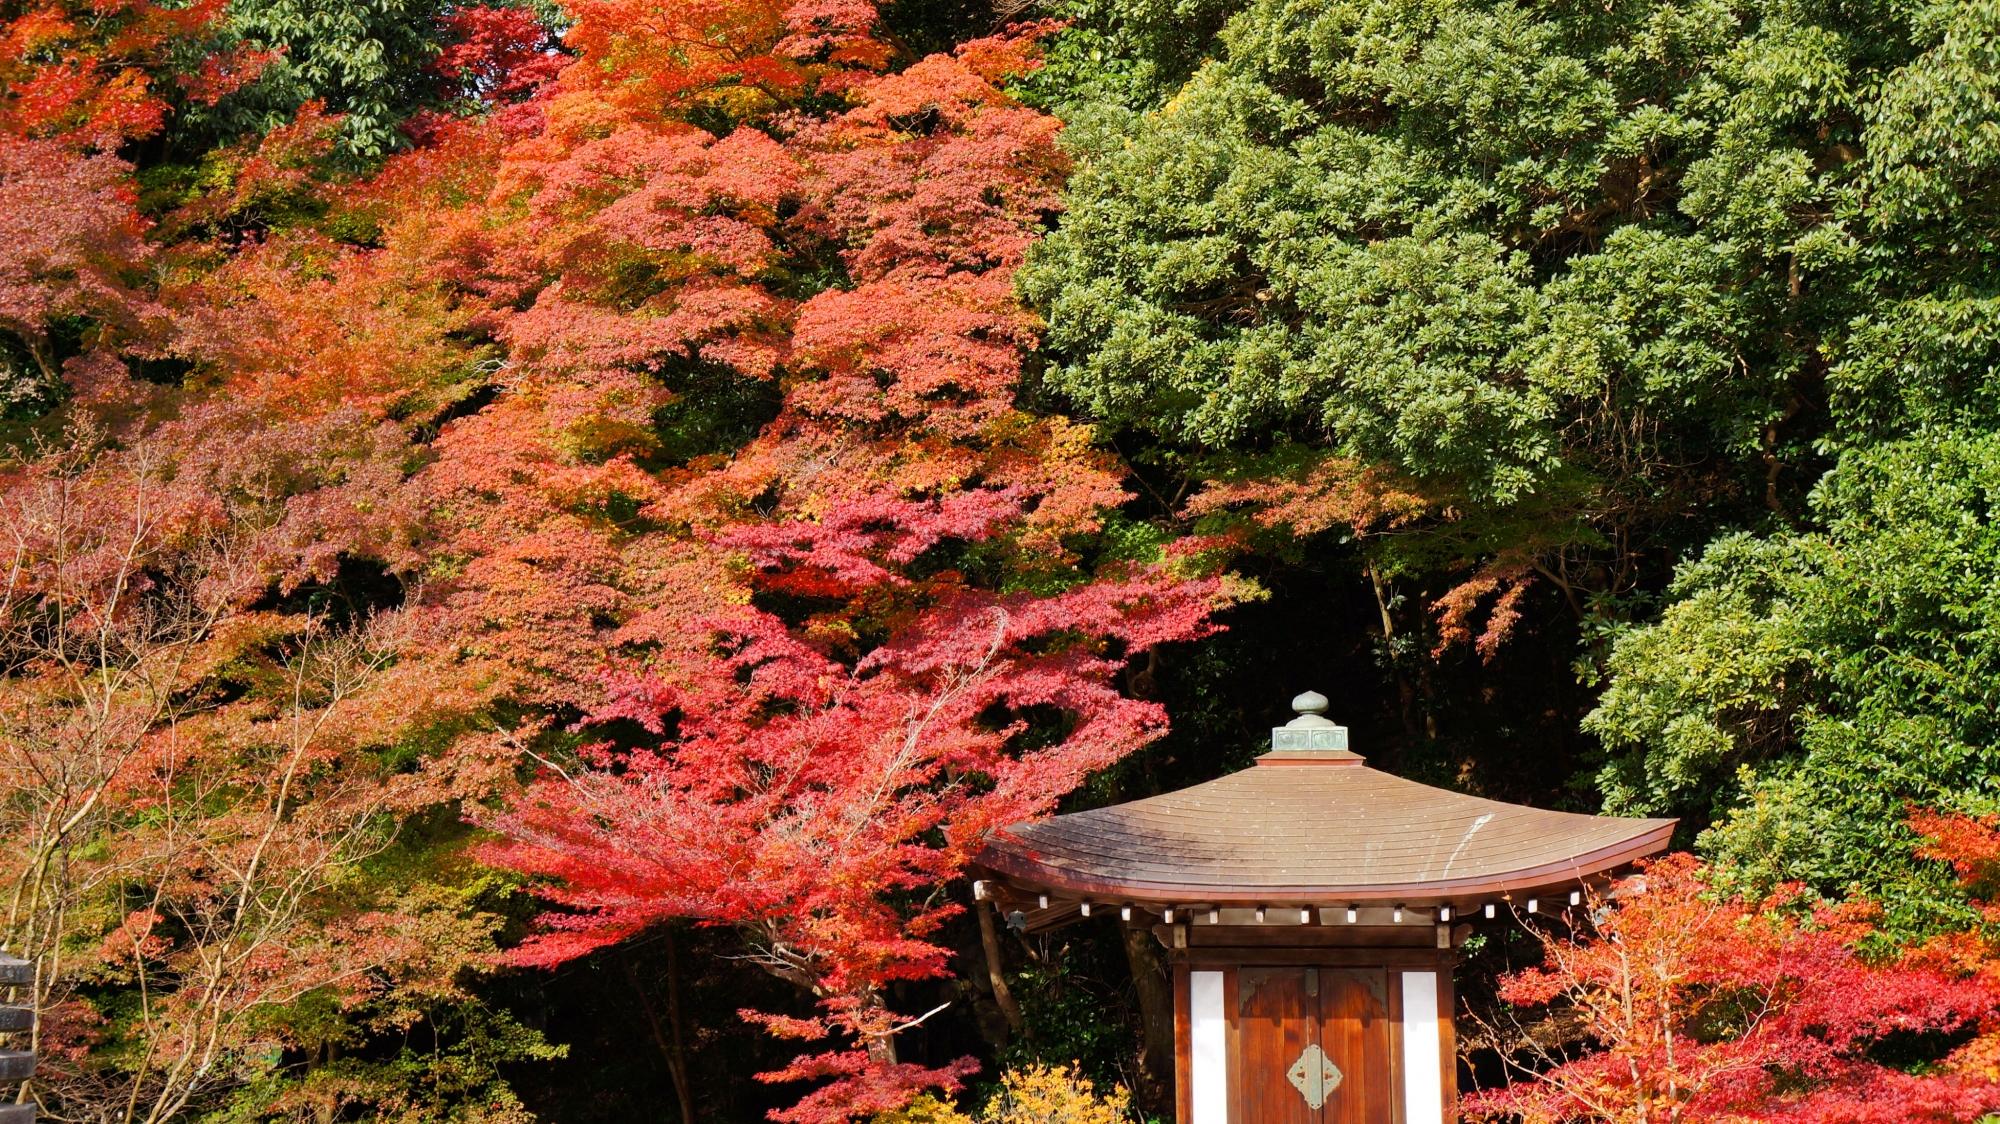 庭園をつつむ色とりどりの鮮やかな紅葉